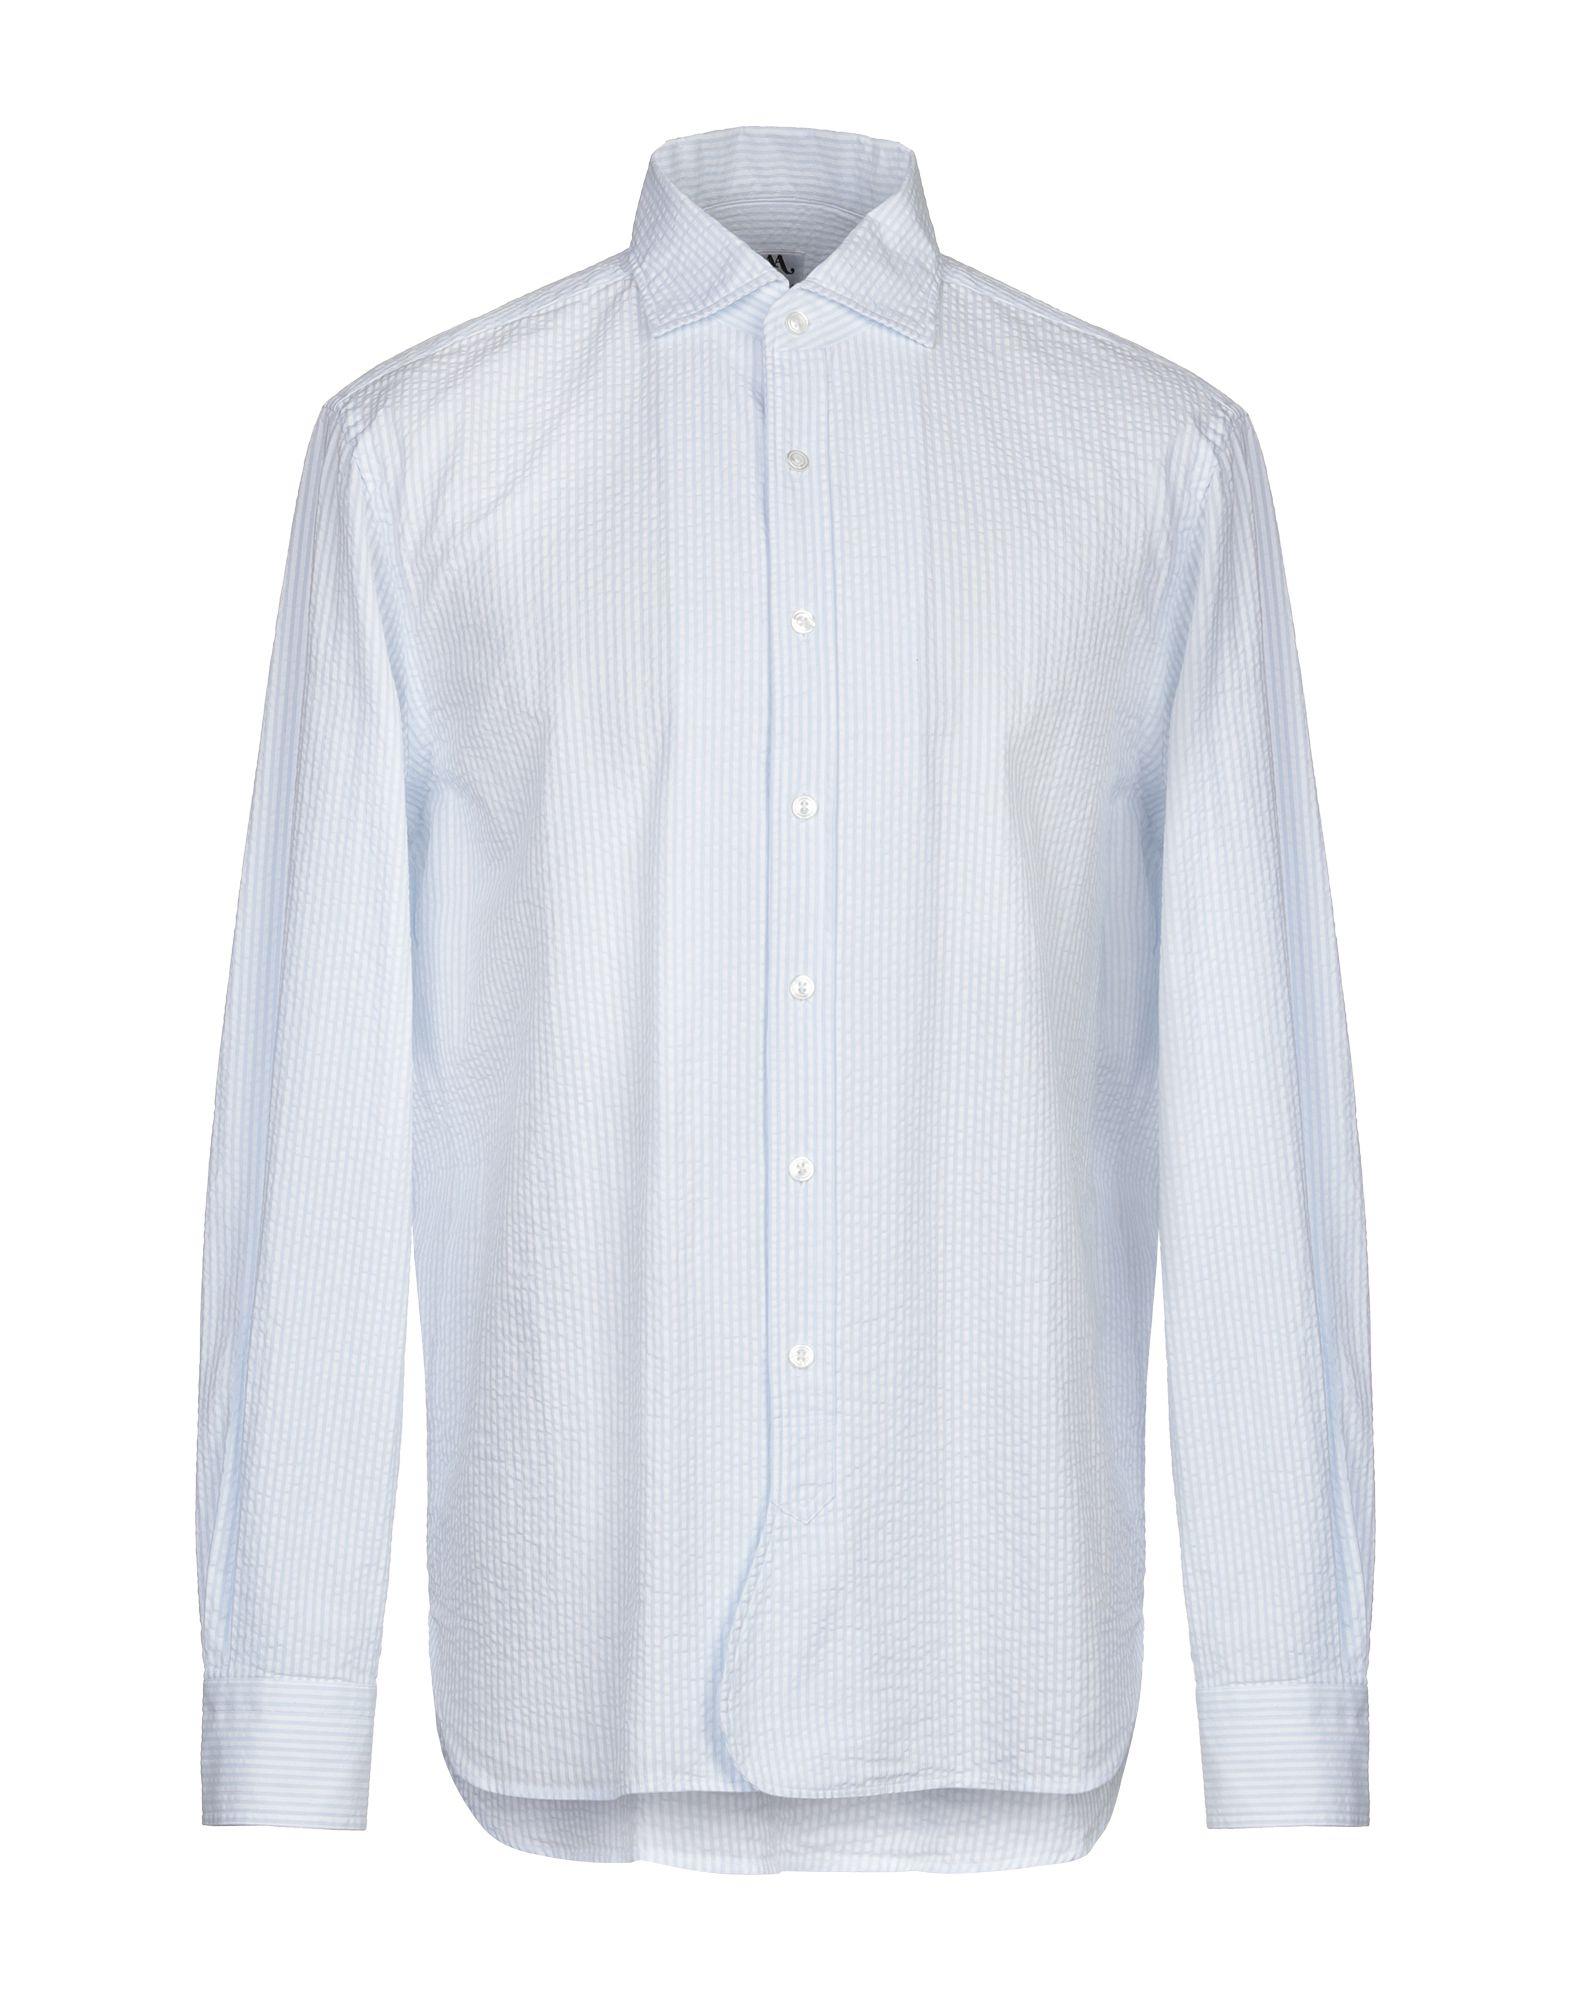 《期間限定セール開催中!》DOPPIAA メンズ シャツ スカイブルー 42 コットン 100%